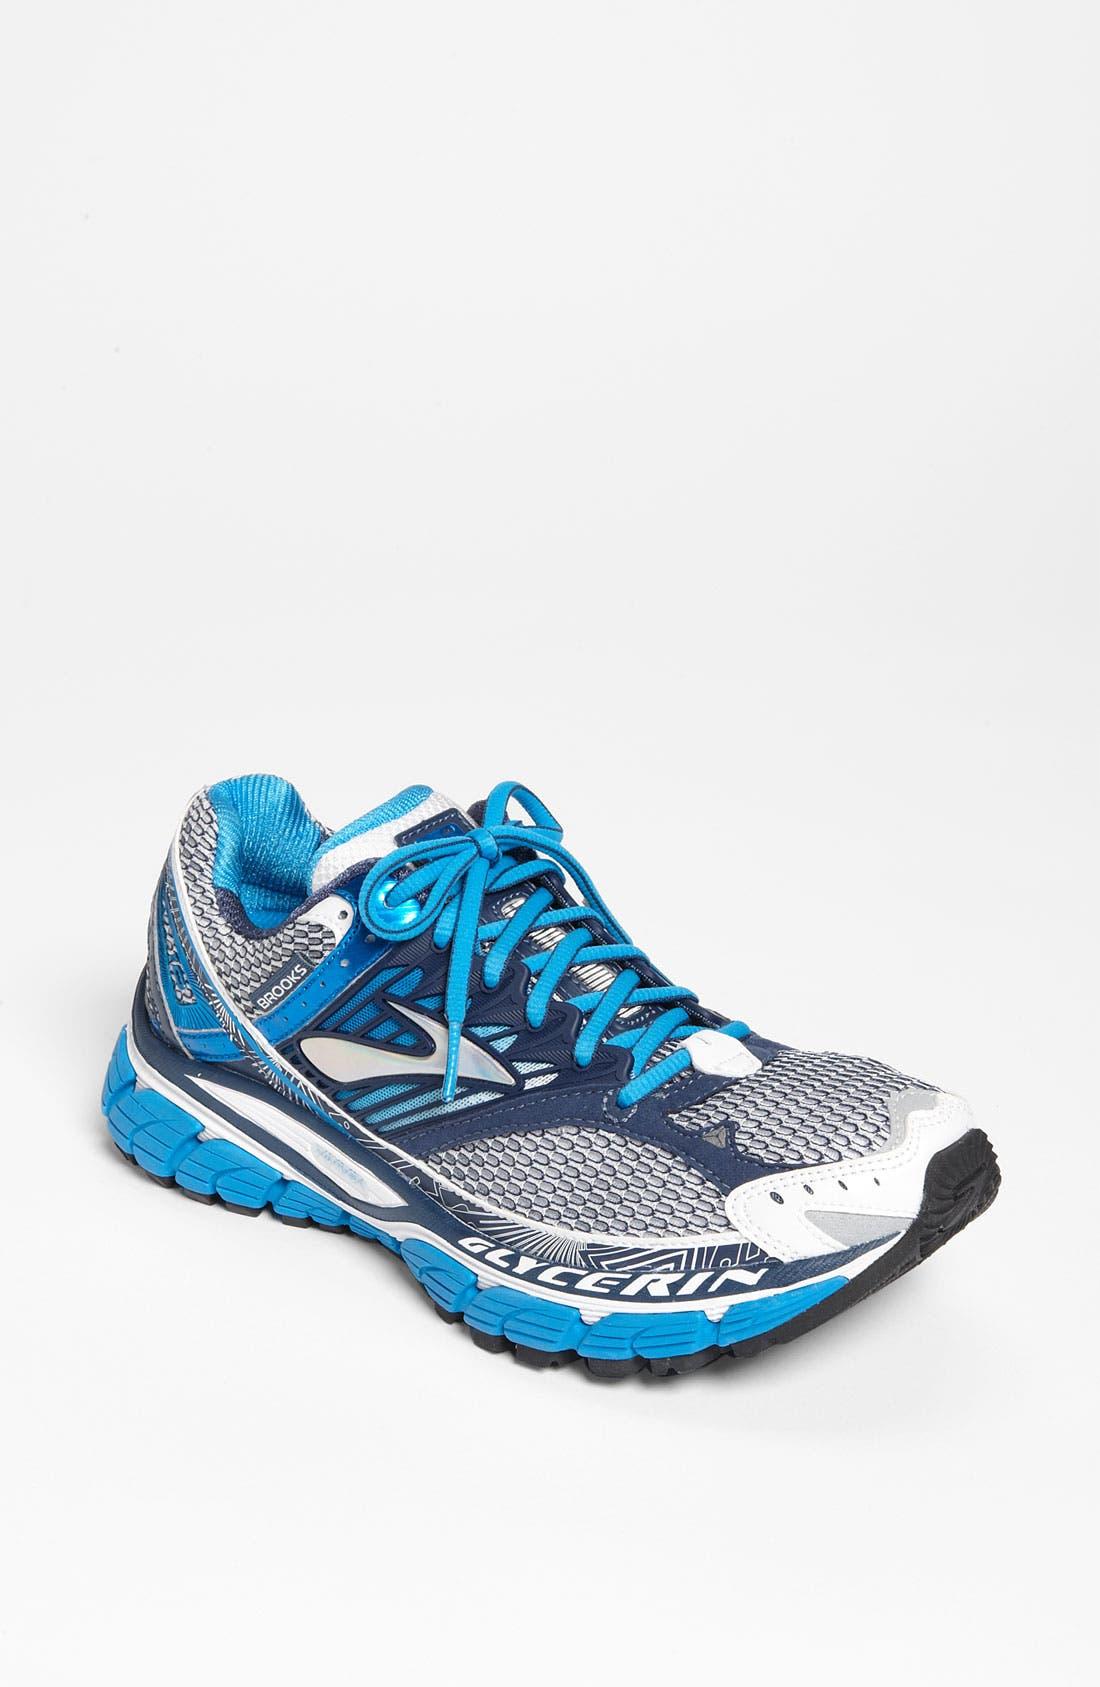 Main Image - Brooks 'Glycerin 10' Running Shoe (Women) (Regular Retail Price: $139.95)